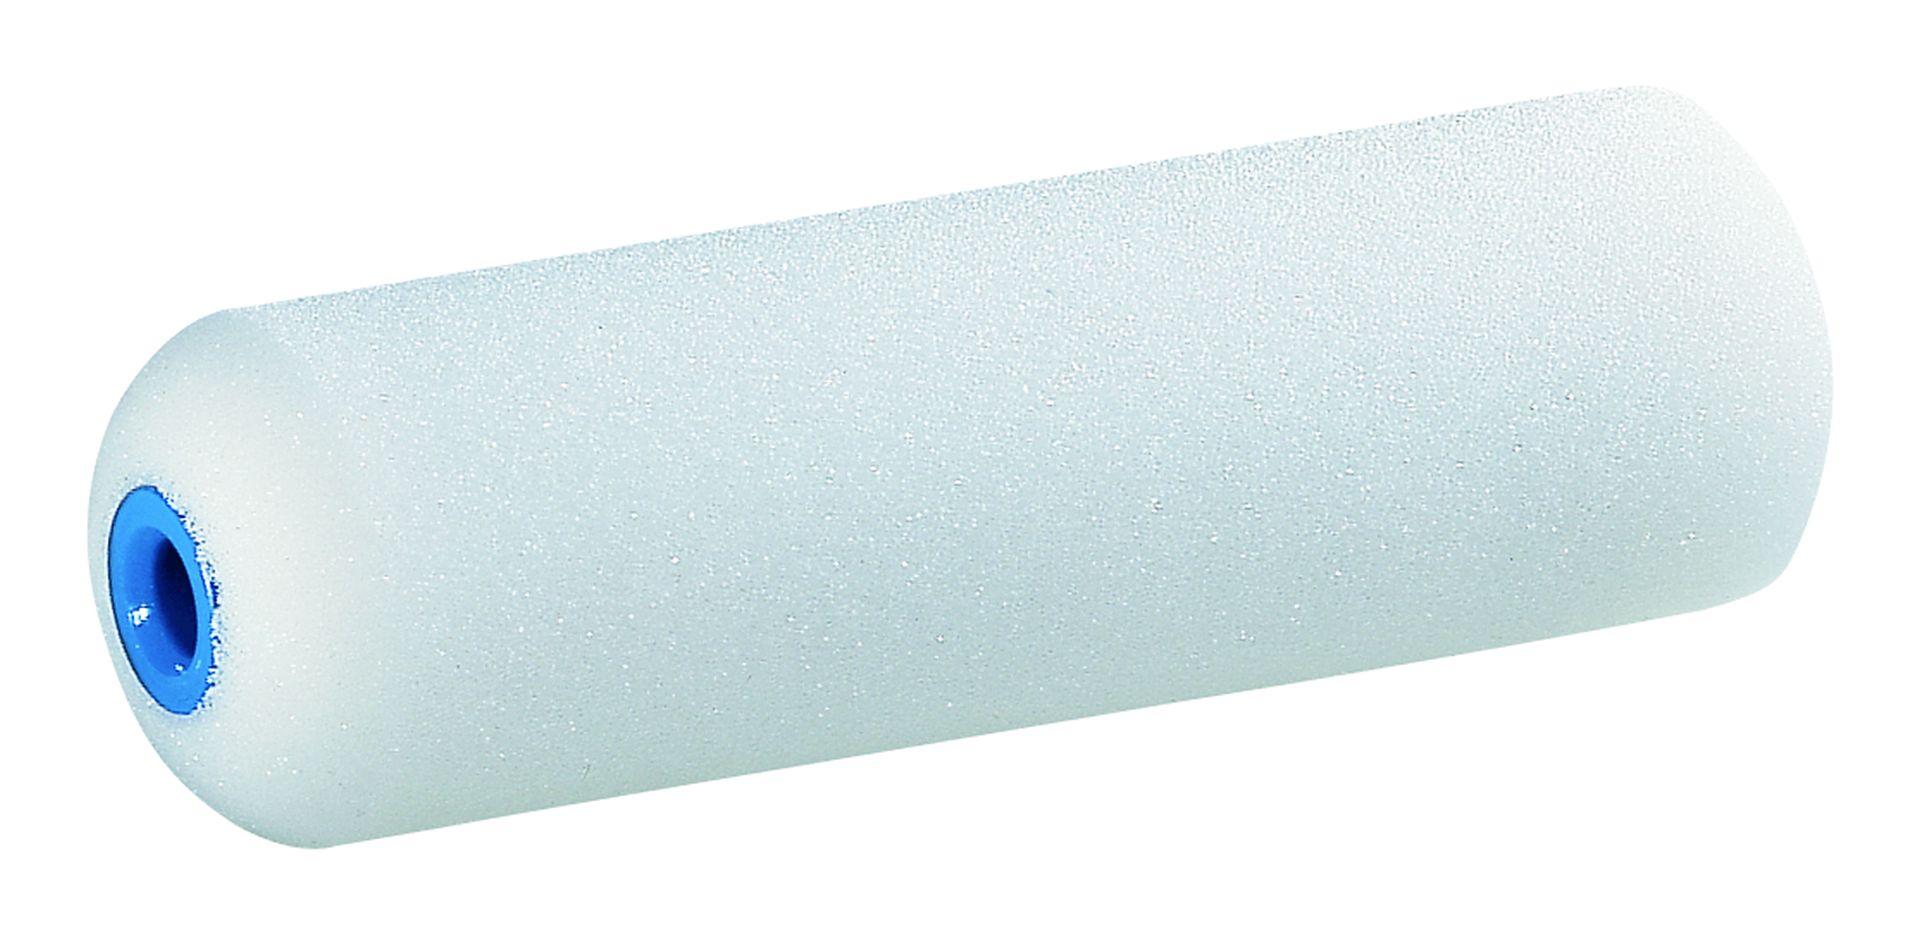 STORCH Schaumwalze, 11 cm, D35, Superfein, innen, rund, im 2-er Pack